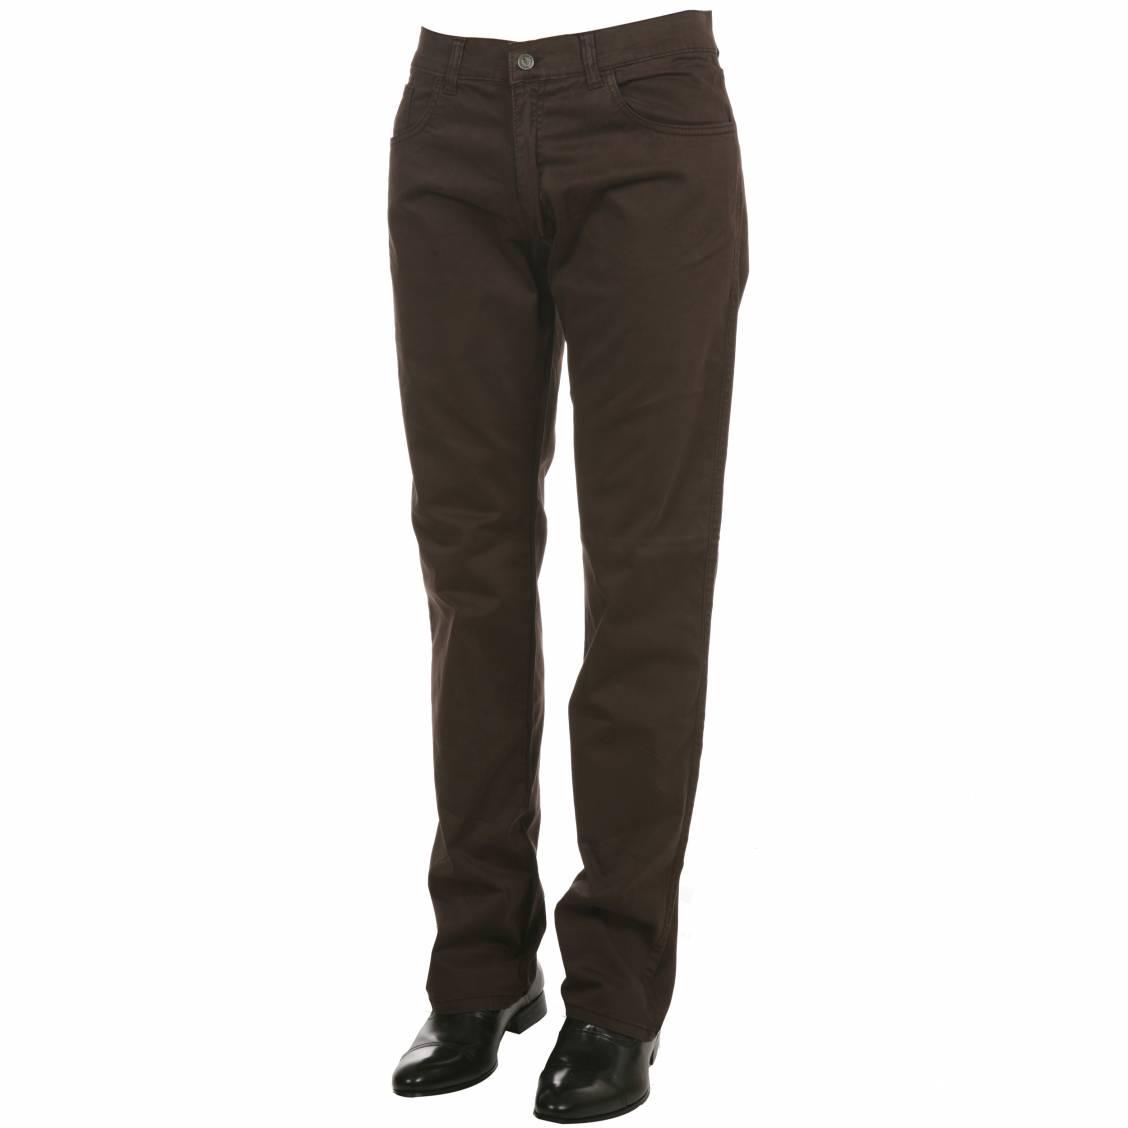 Pantalon gris hommes